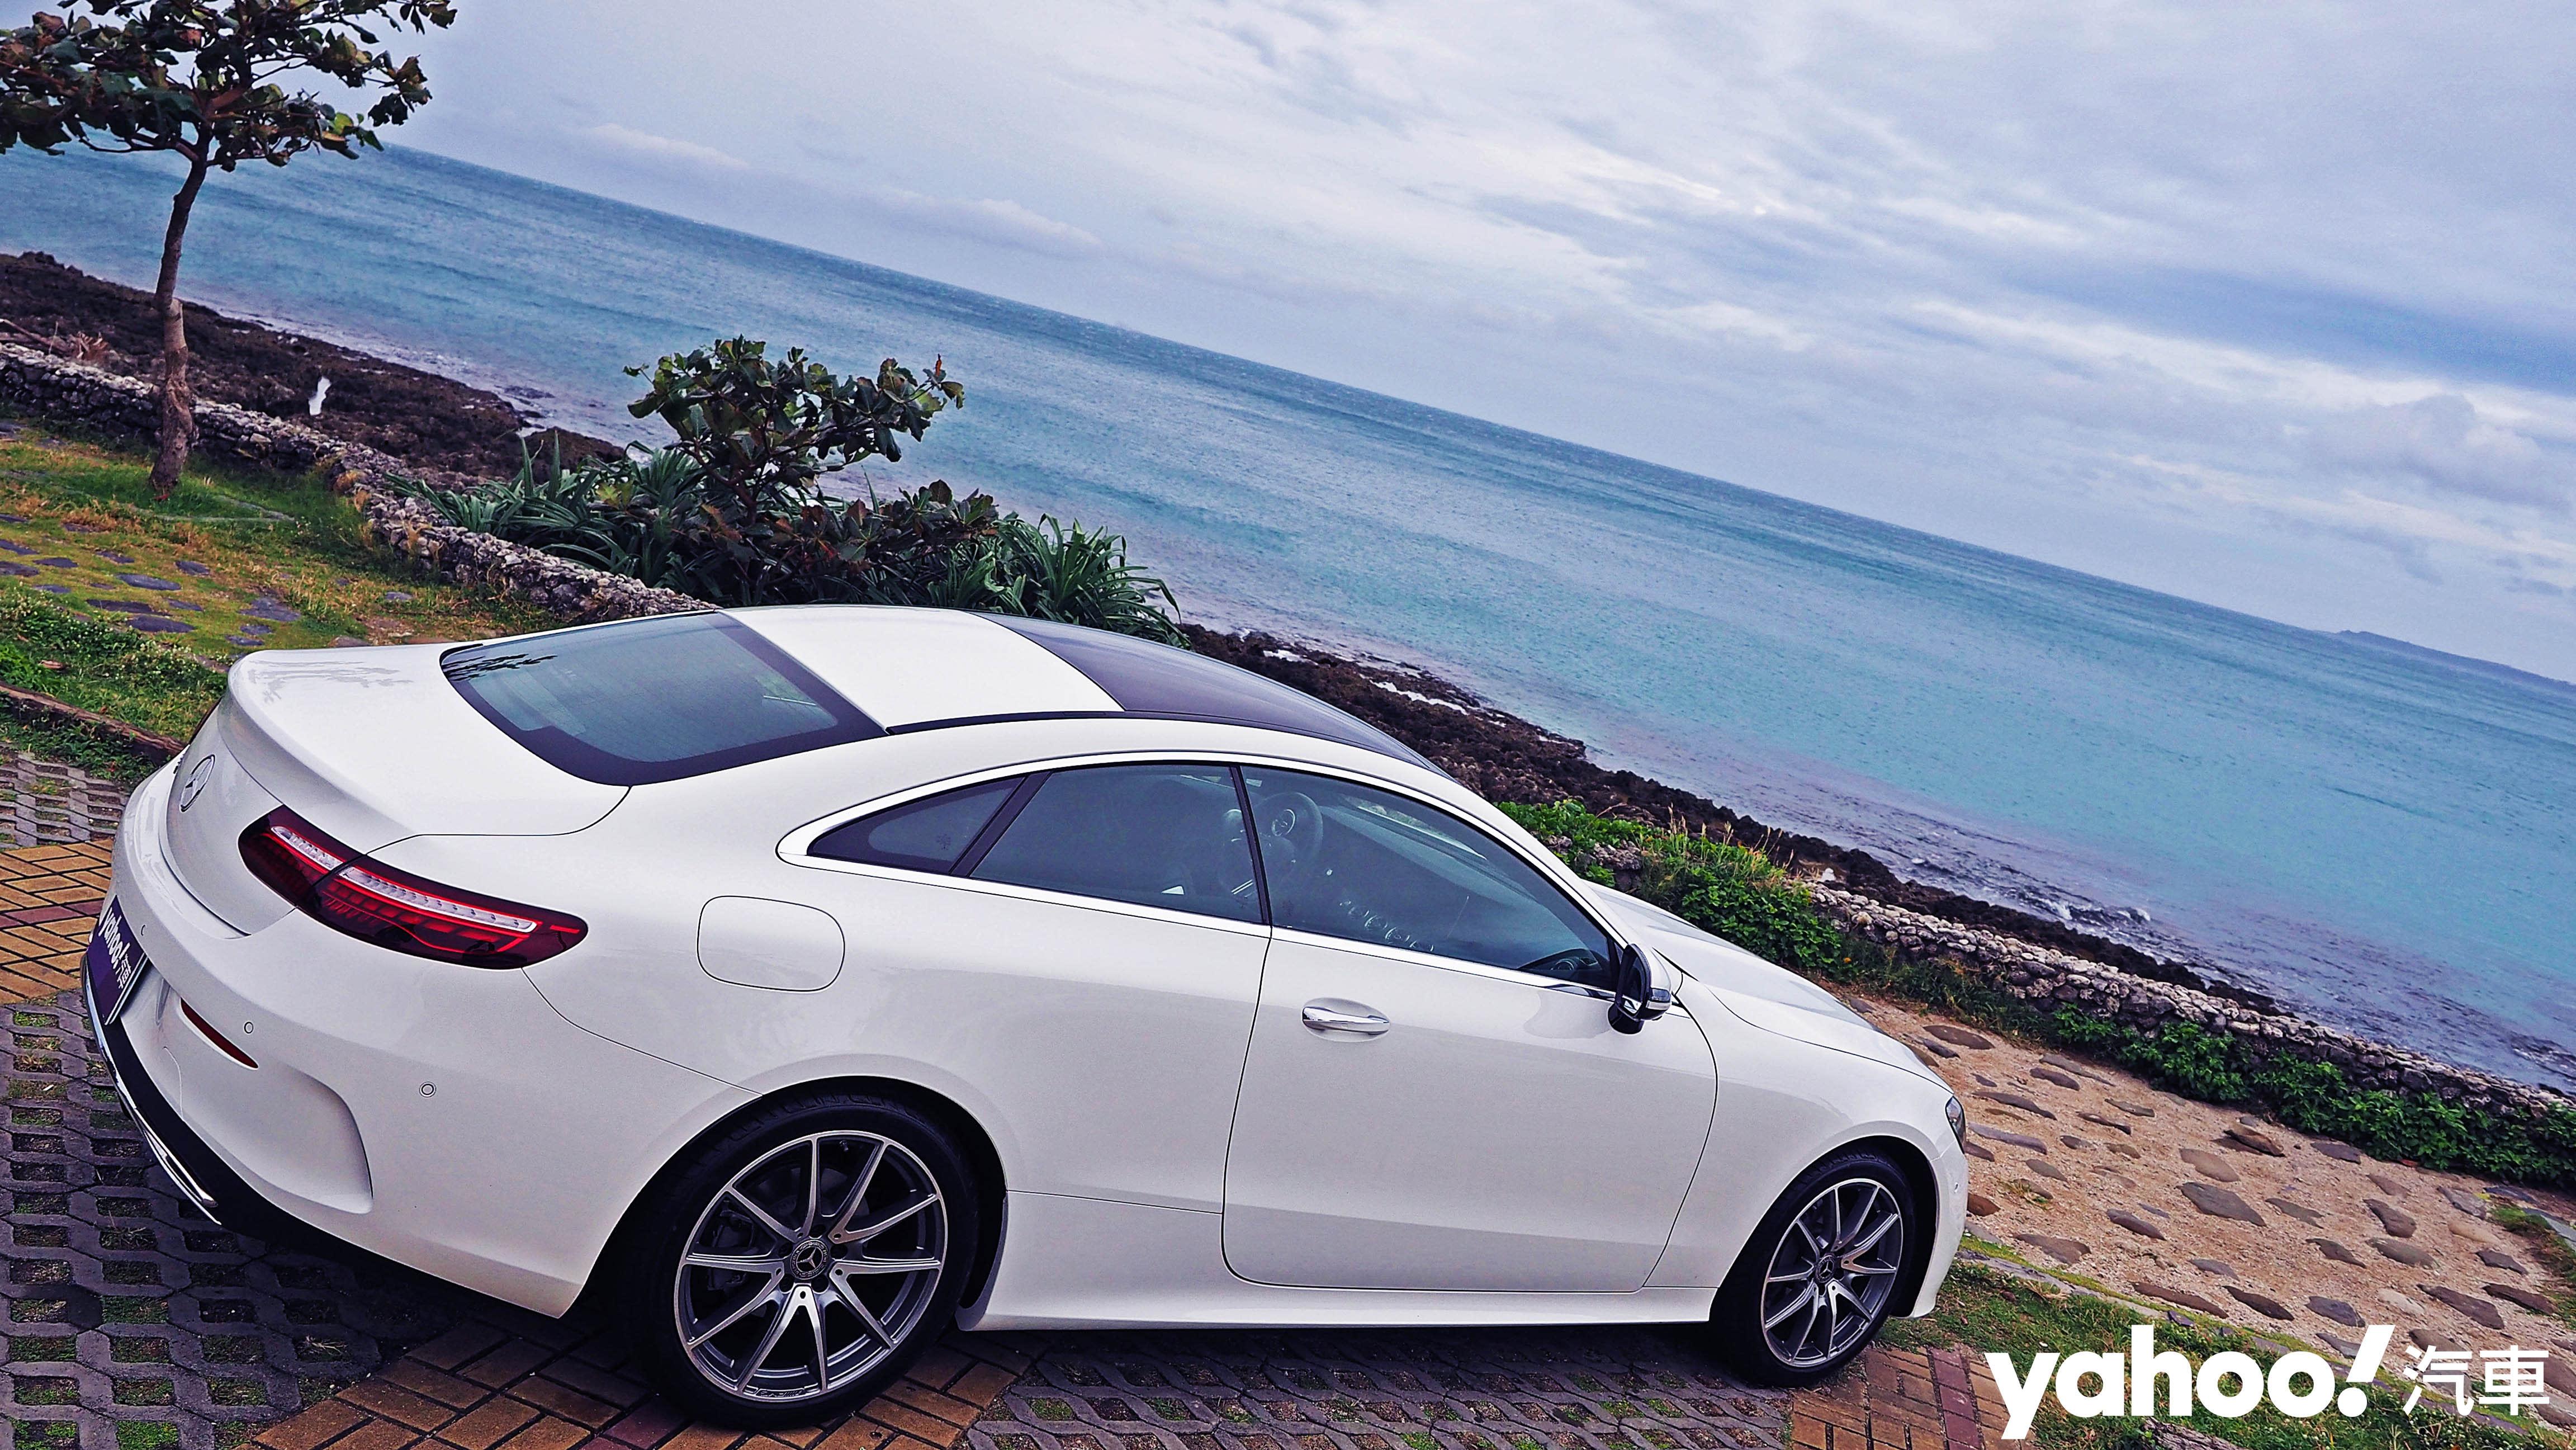 跑格與舒適間的浪漫權衡!2021 Mercede-Benz E-Class E300 Coupé南灣試駕